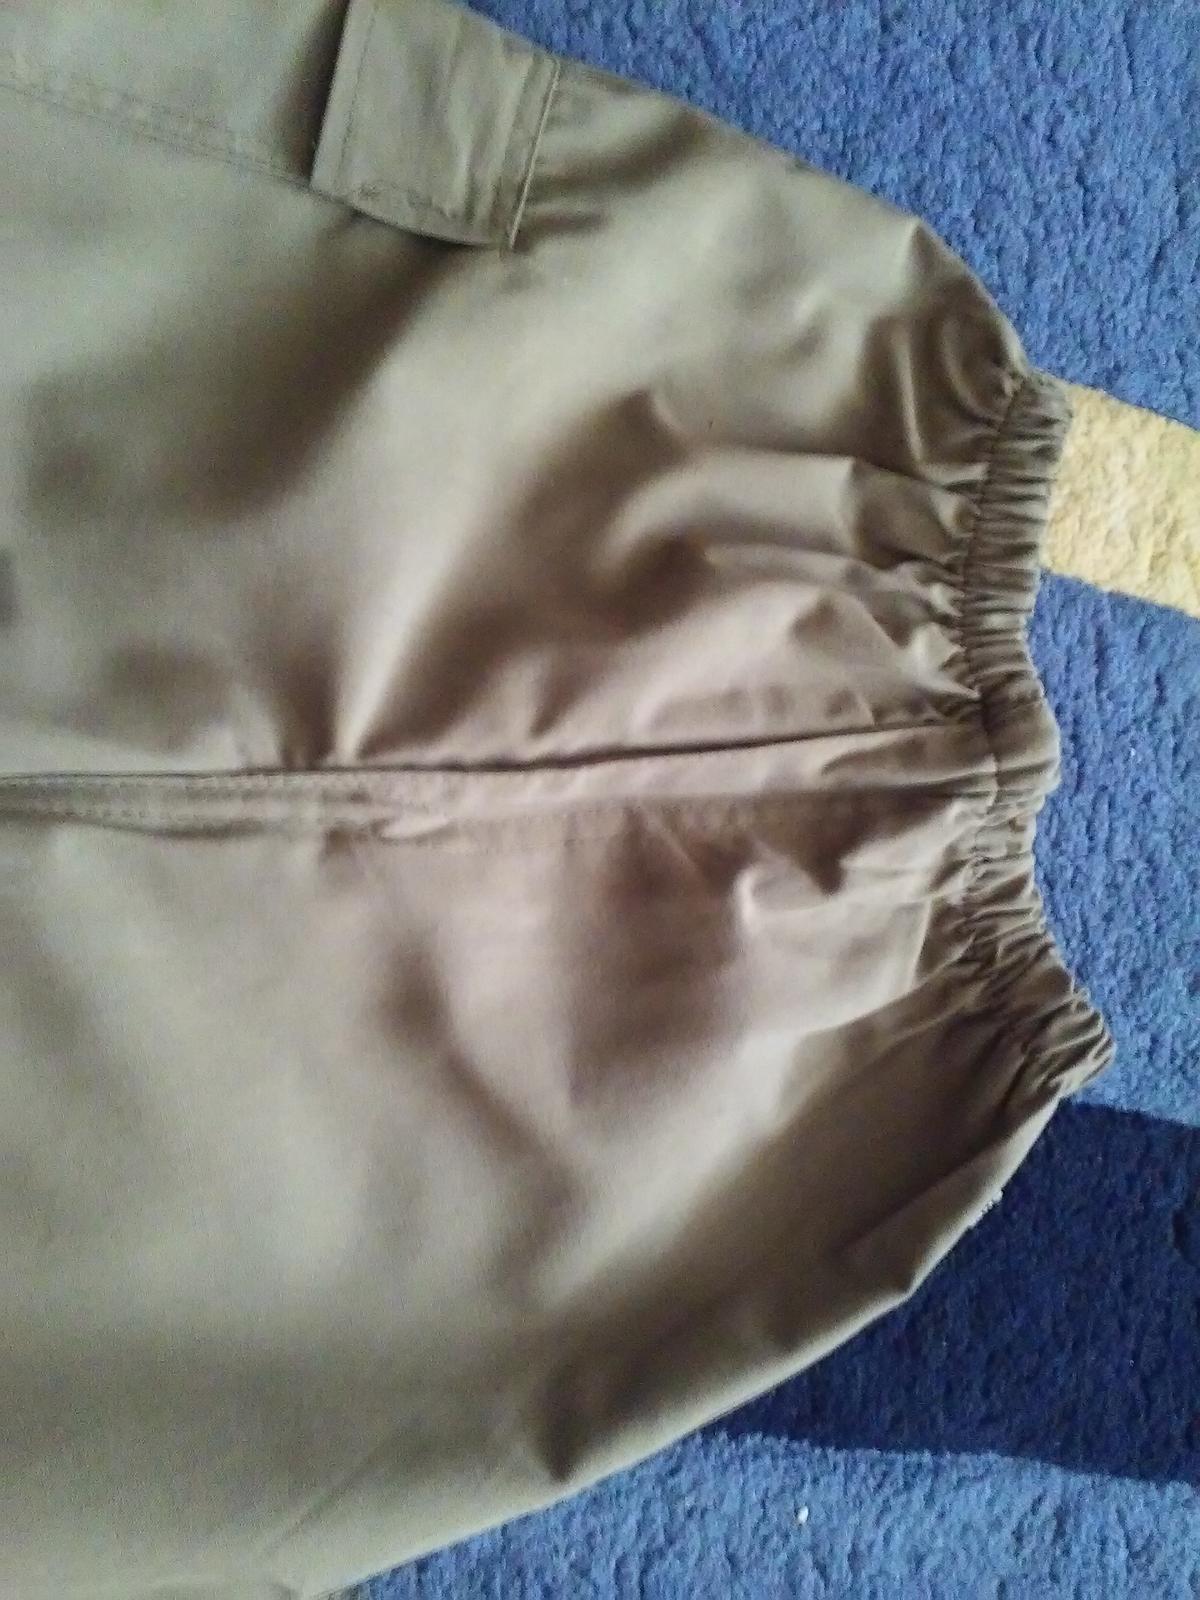 Súprava nohavice + vestička - Obrázok č. 3